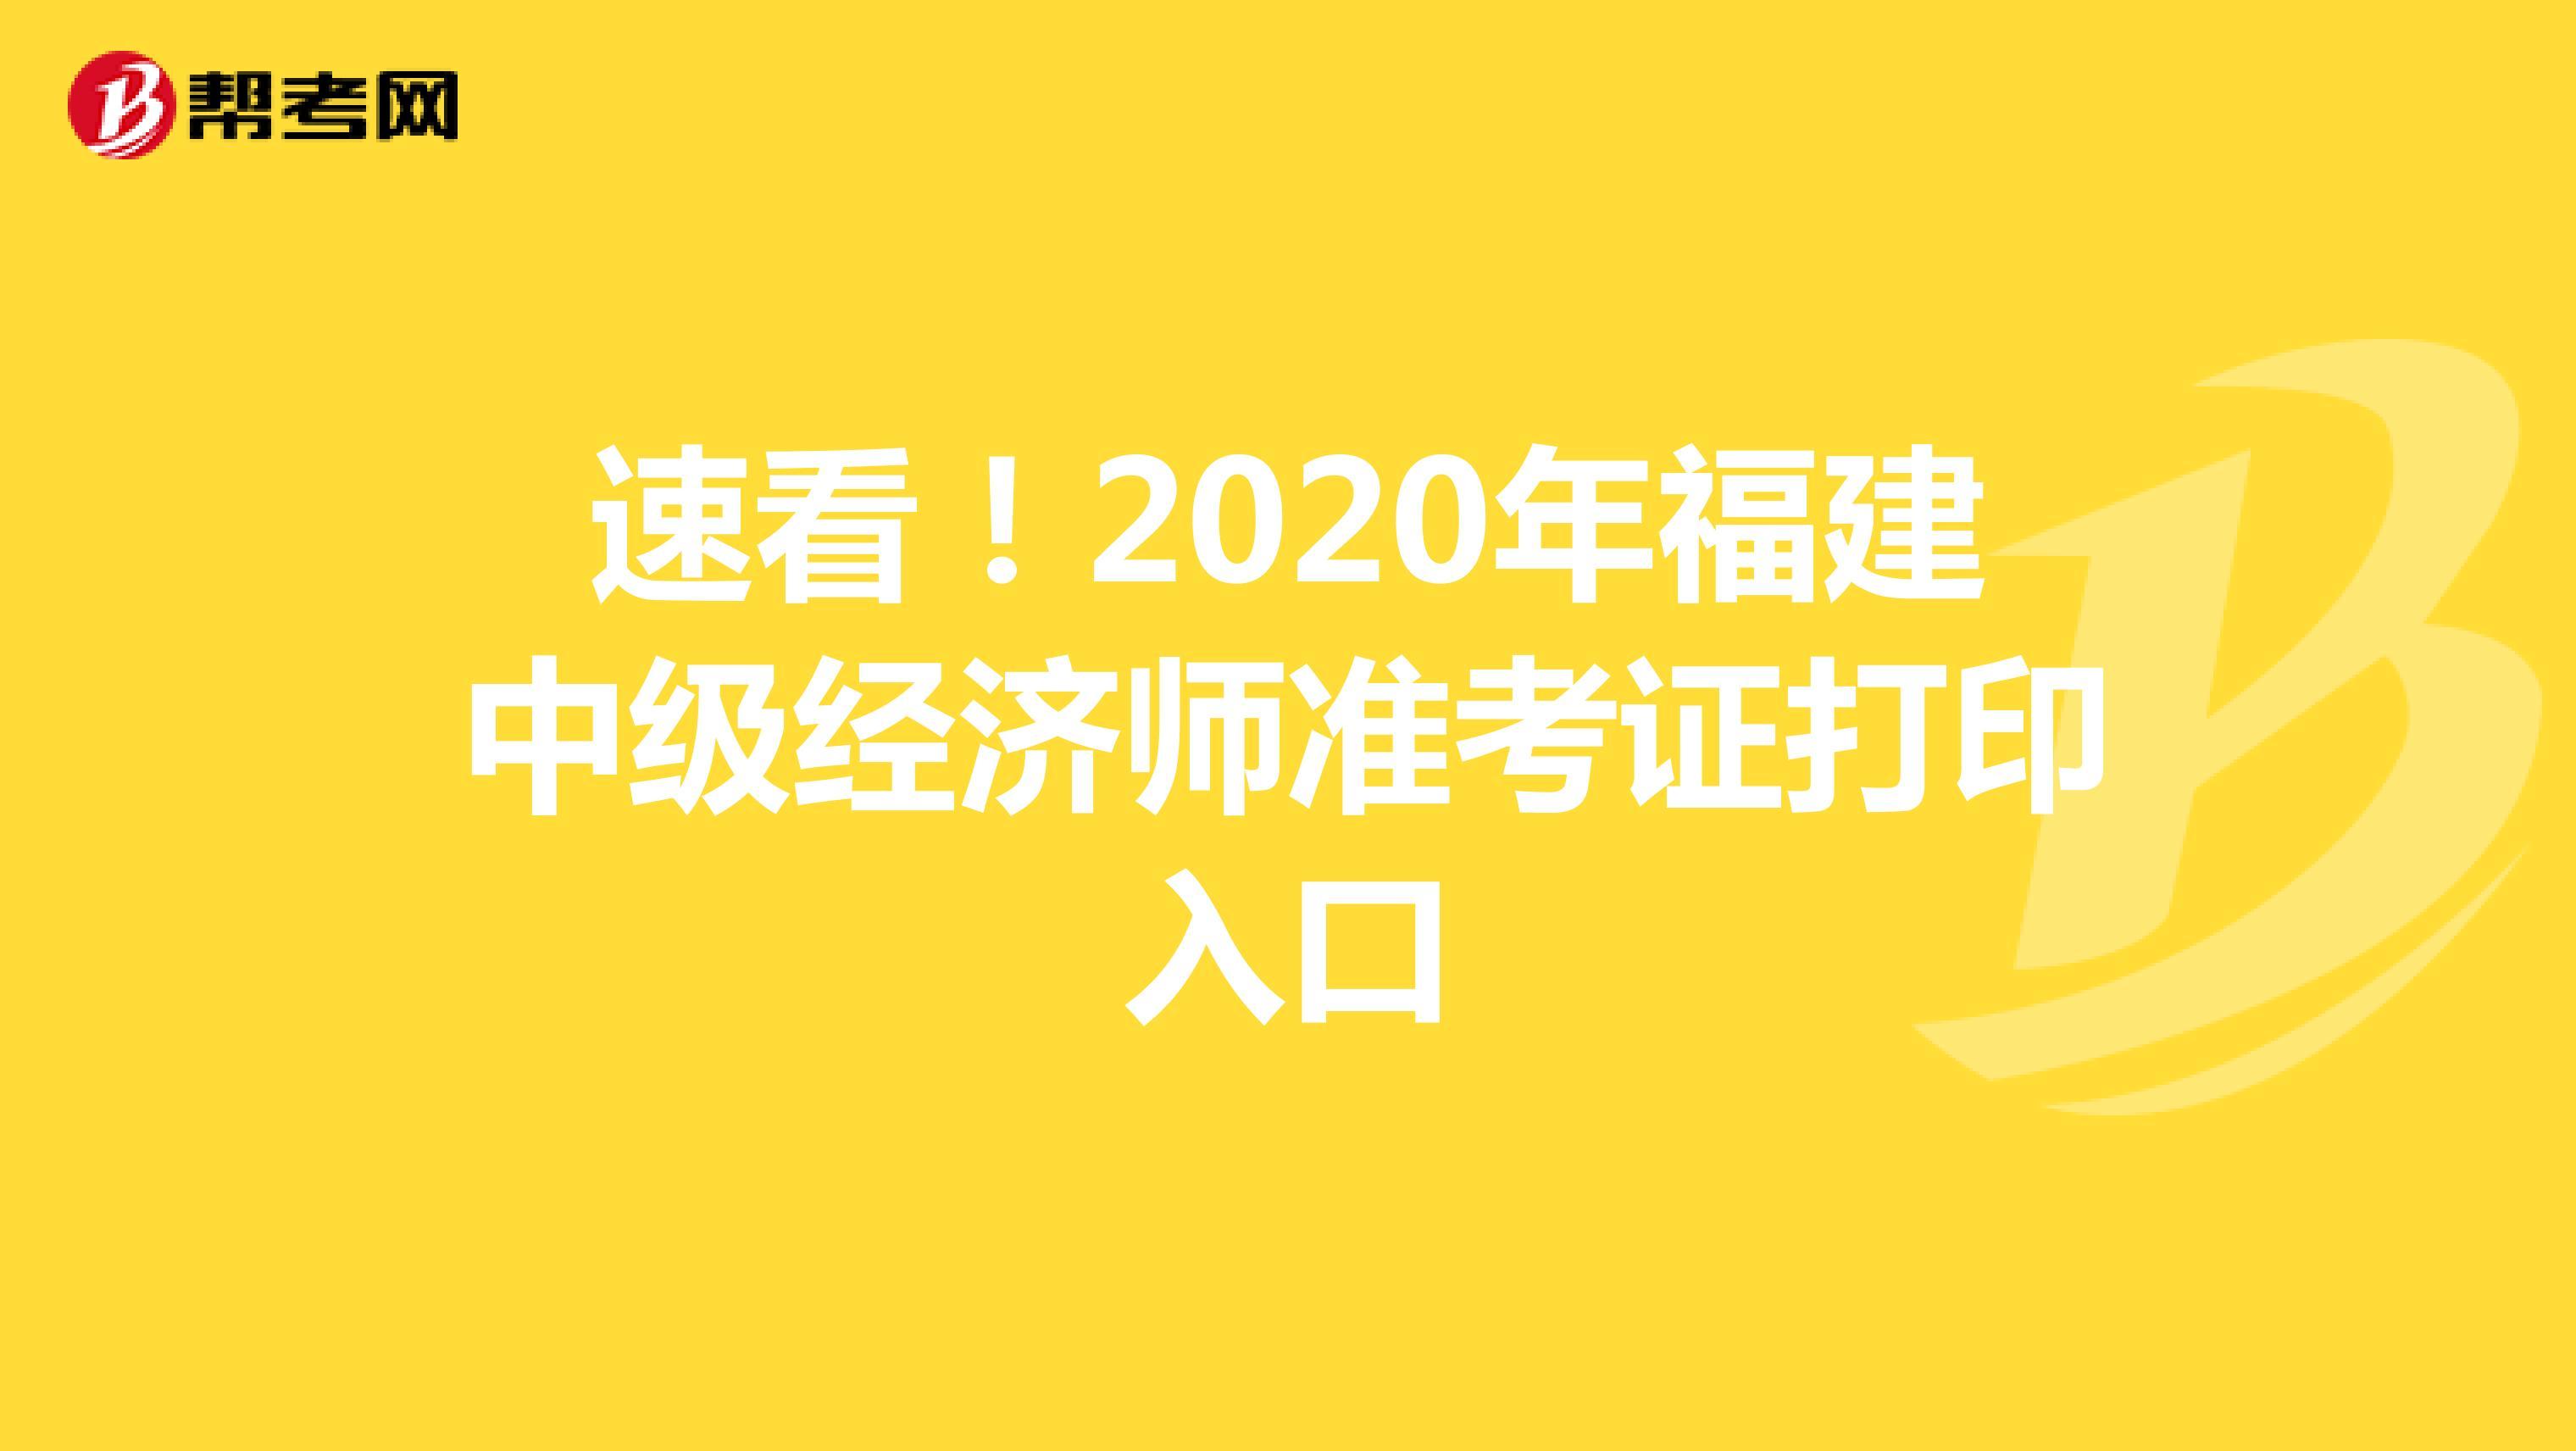 速看!2020年天津(hot88电竞官网)中级经济师准考证打印入口